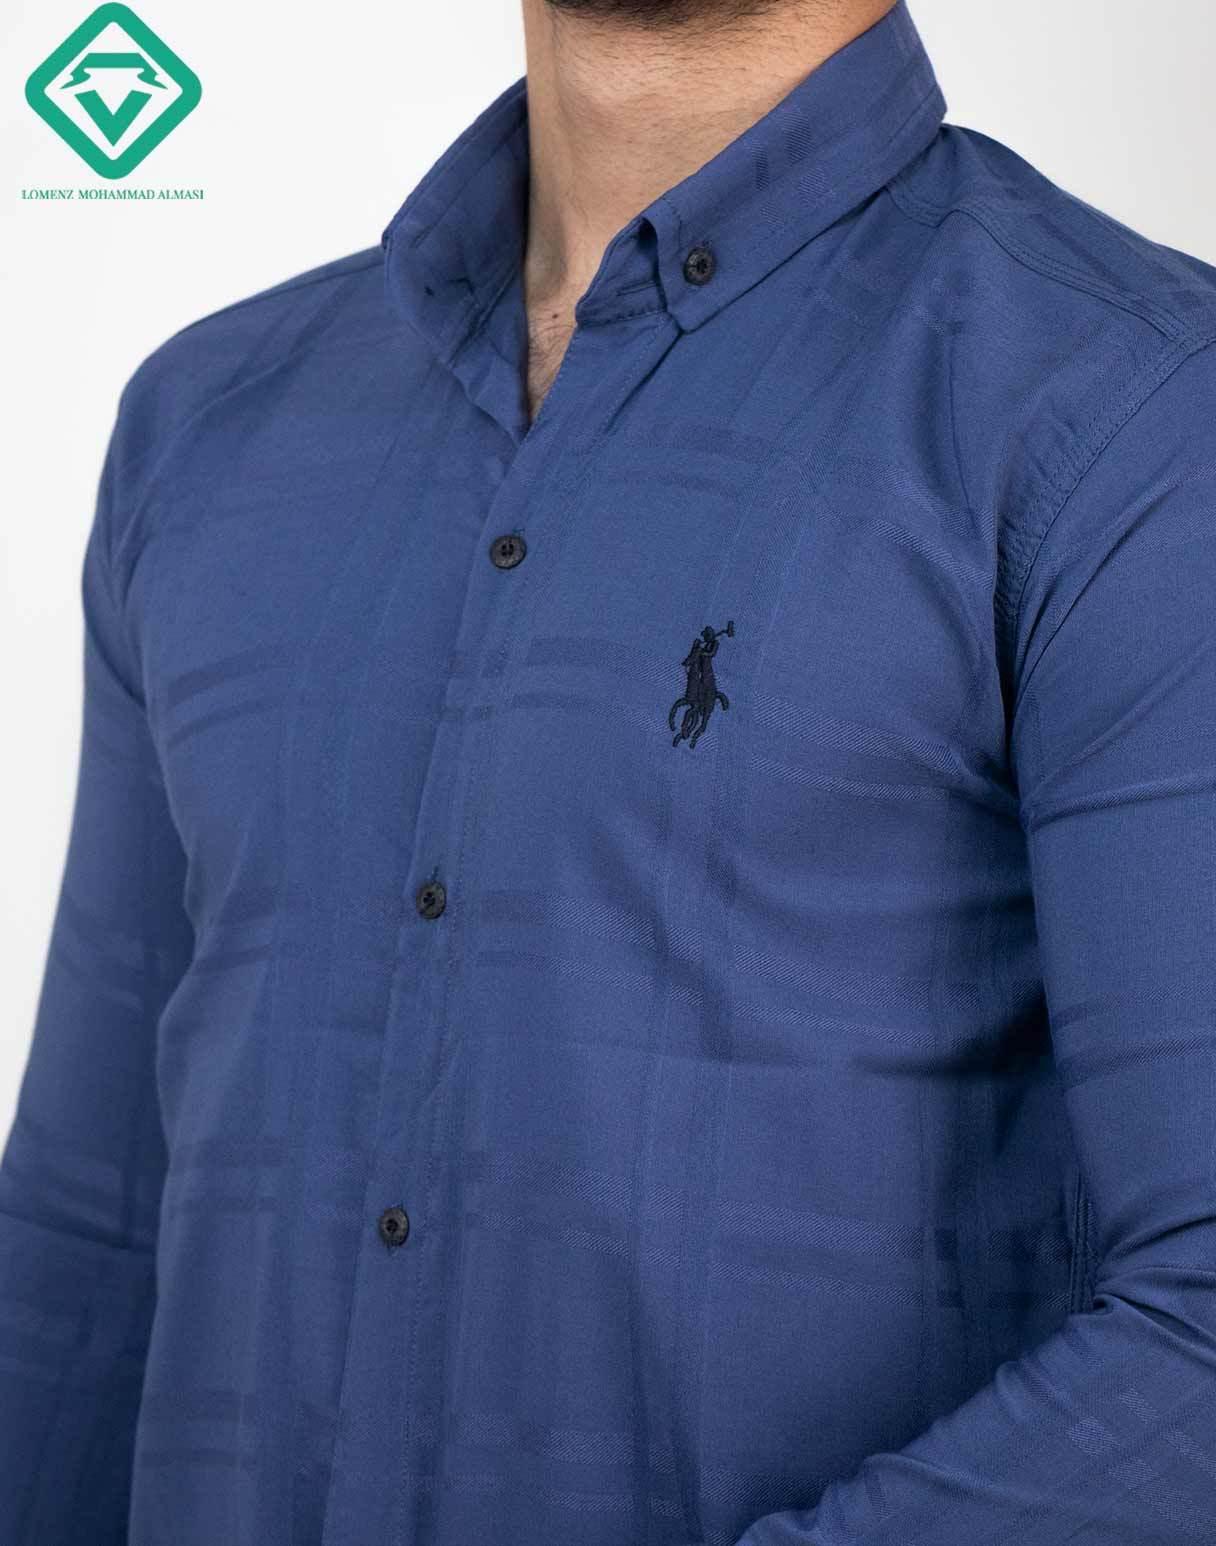 پیراهن آستین بلند اسپرت راه راه رنگ آبی کاربنی   فروشگاه لومنز